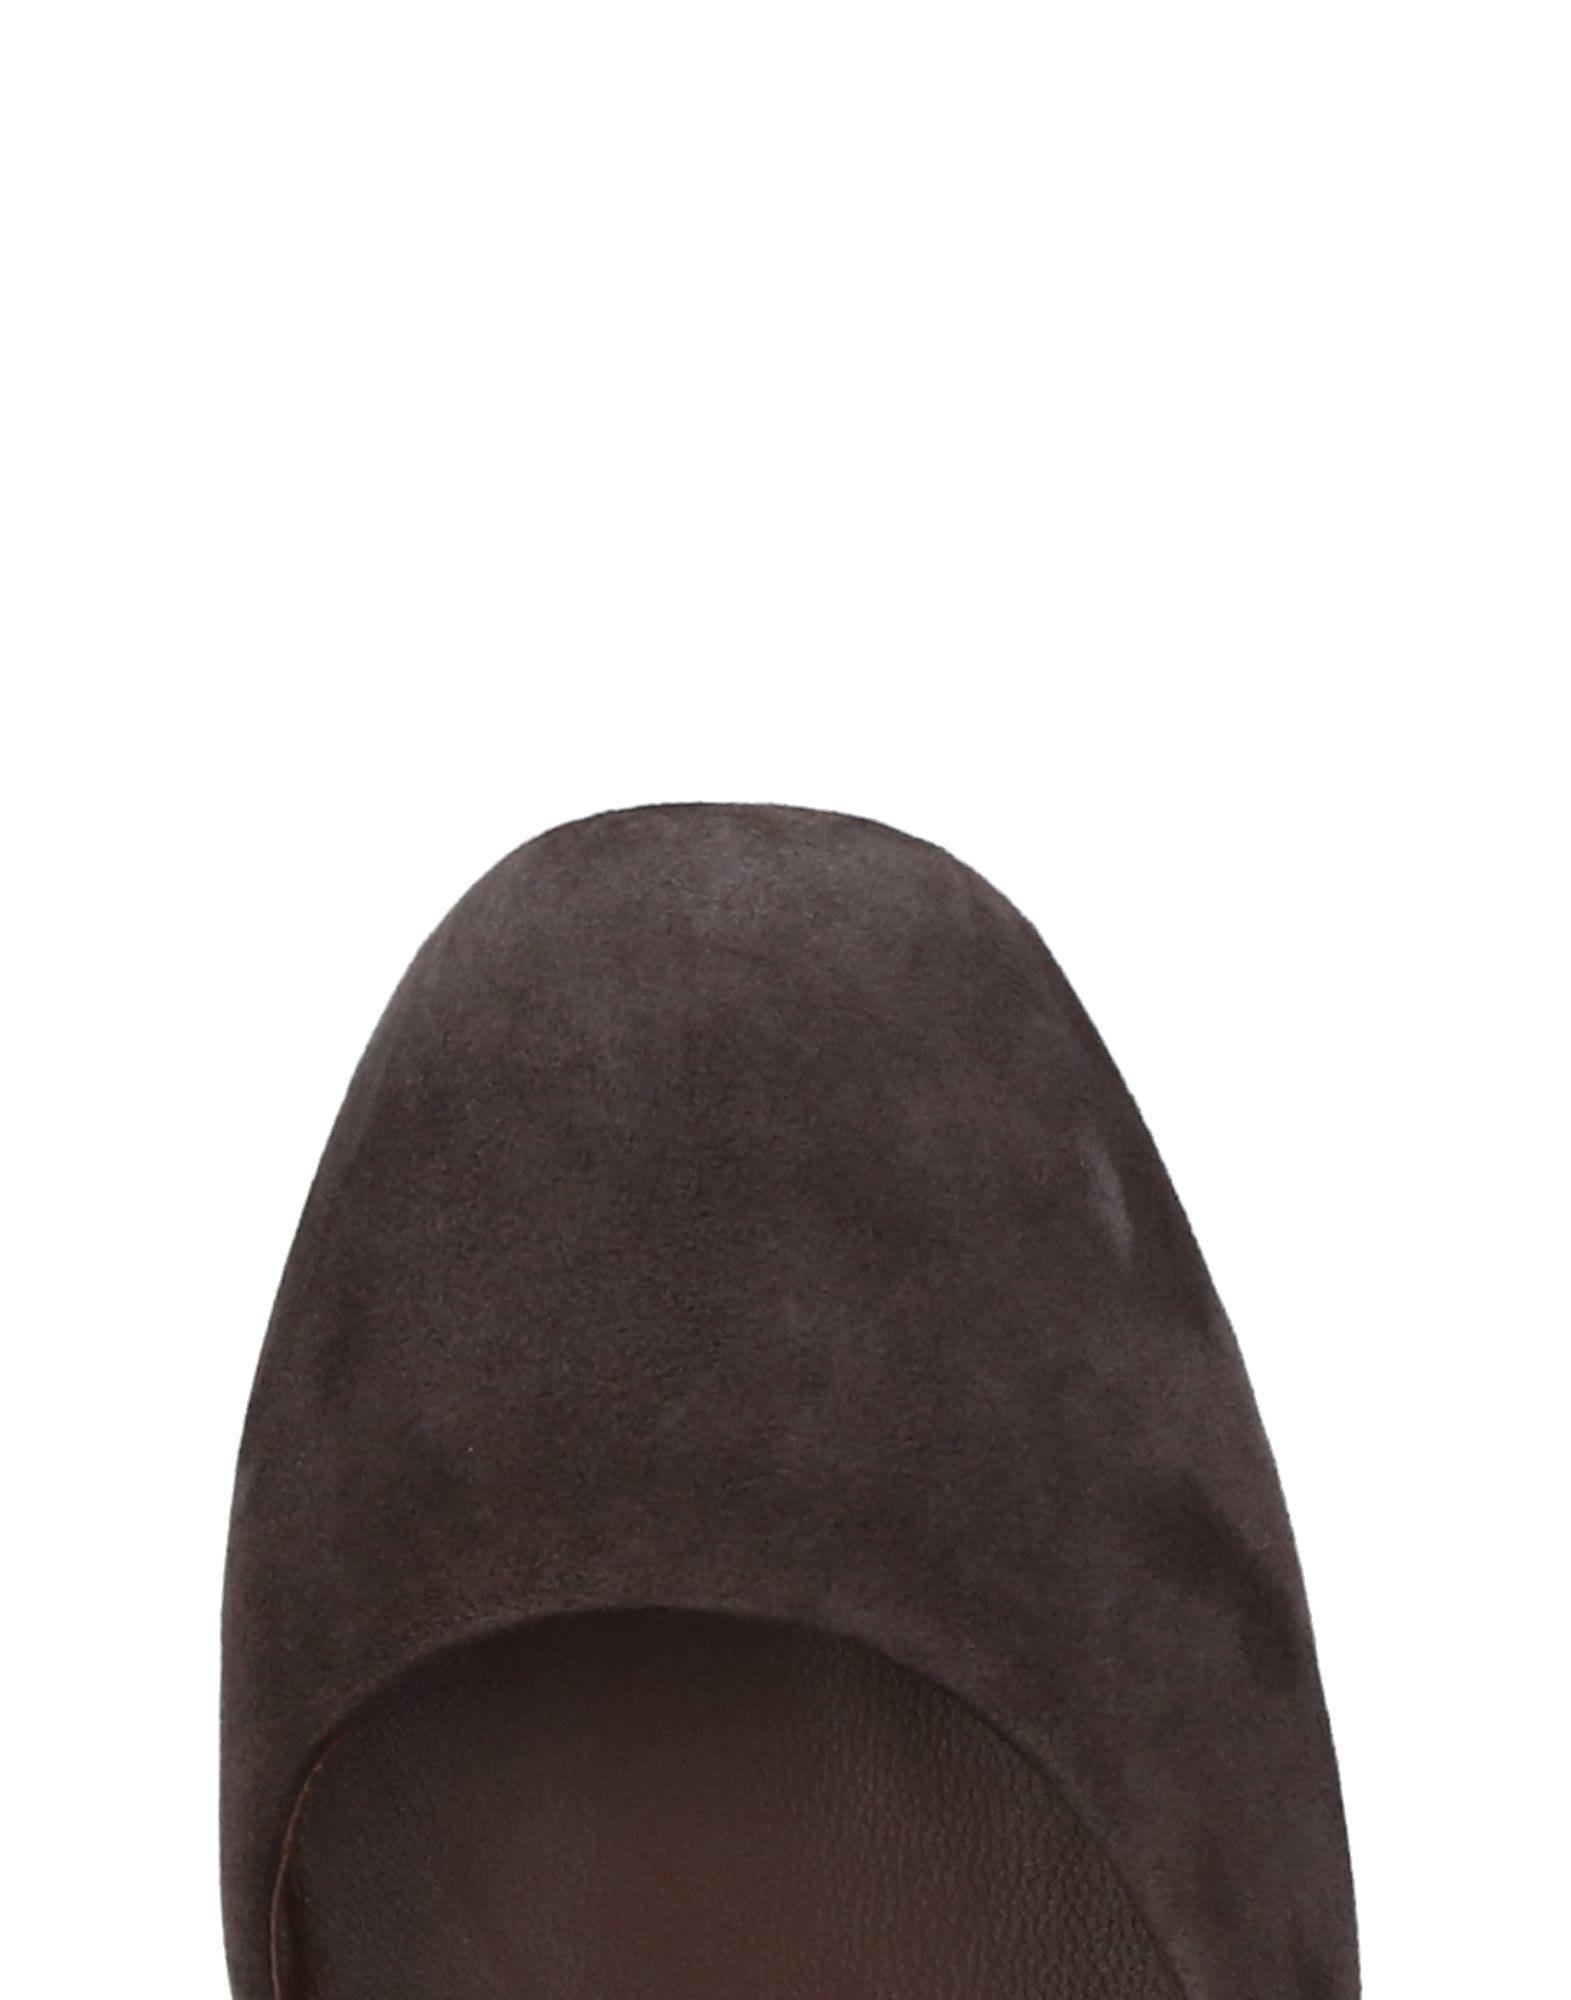 Fiorifrancesi Pumps Damen  11480385HF Gute Qualität beliebte Schuhe